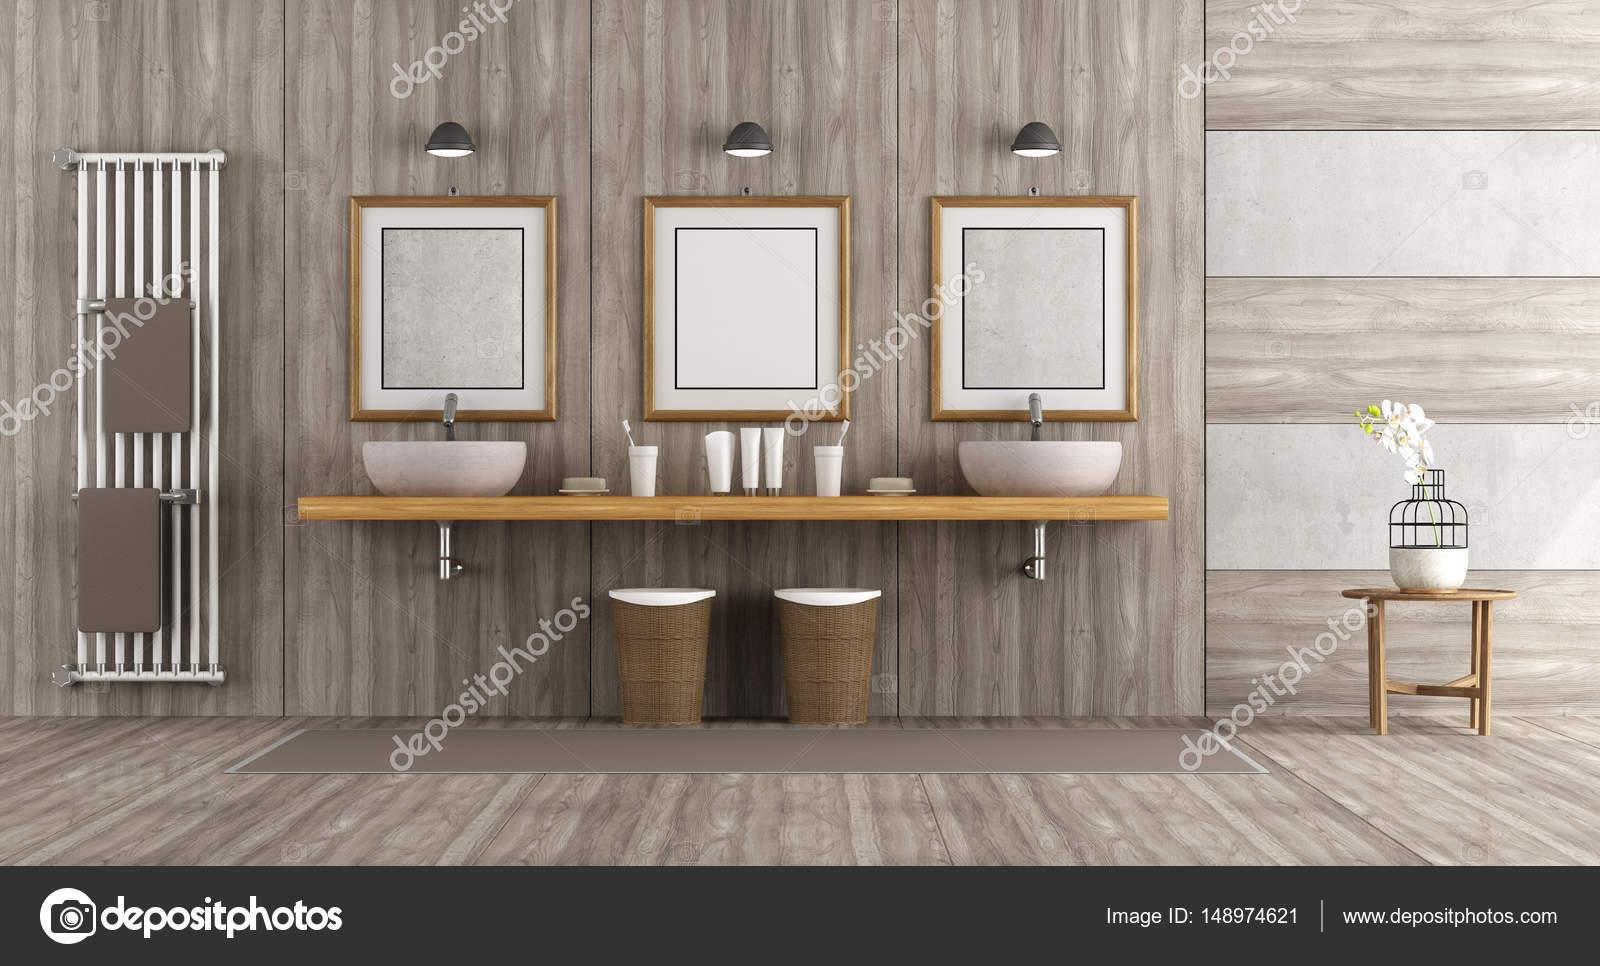 Aus Holz Und Beton Badezimmer Mit Doppelten Waschbecken Auf Das Regal   3d  Rendering U2014 Foto Von Archideaphoto